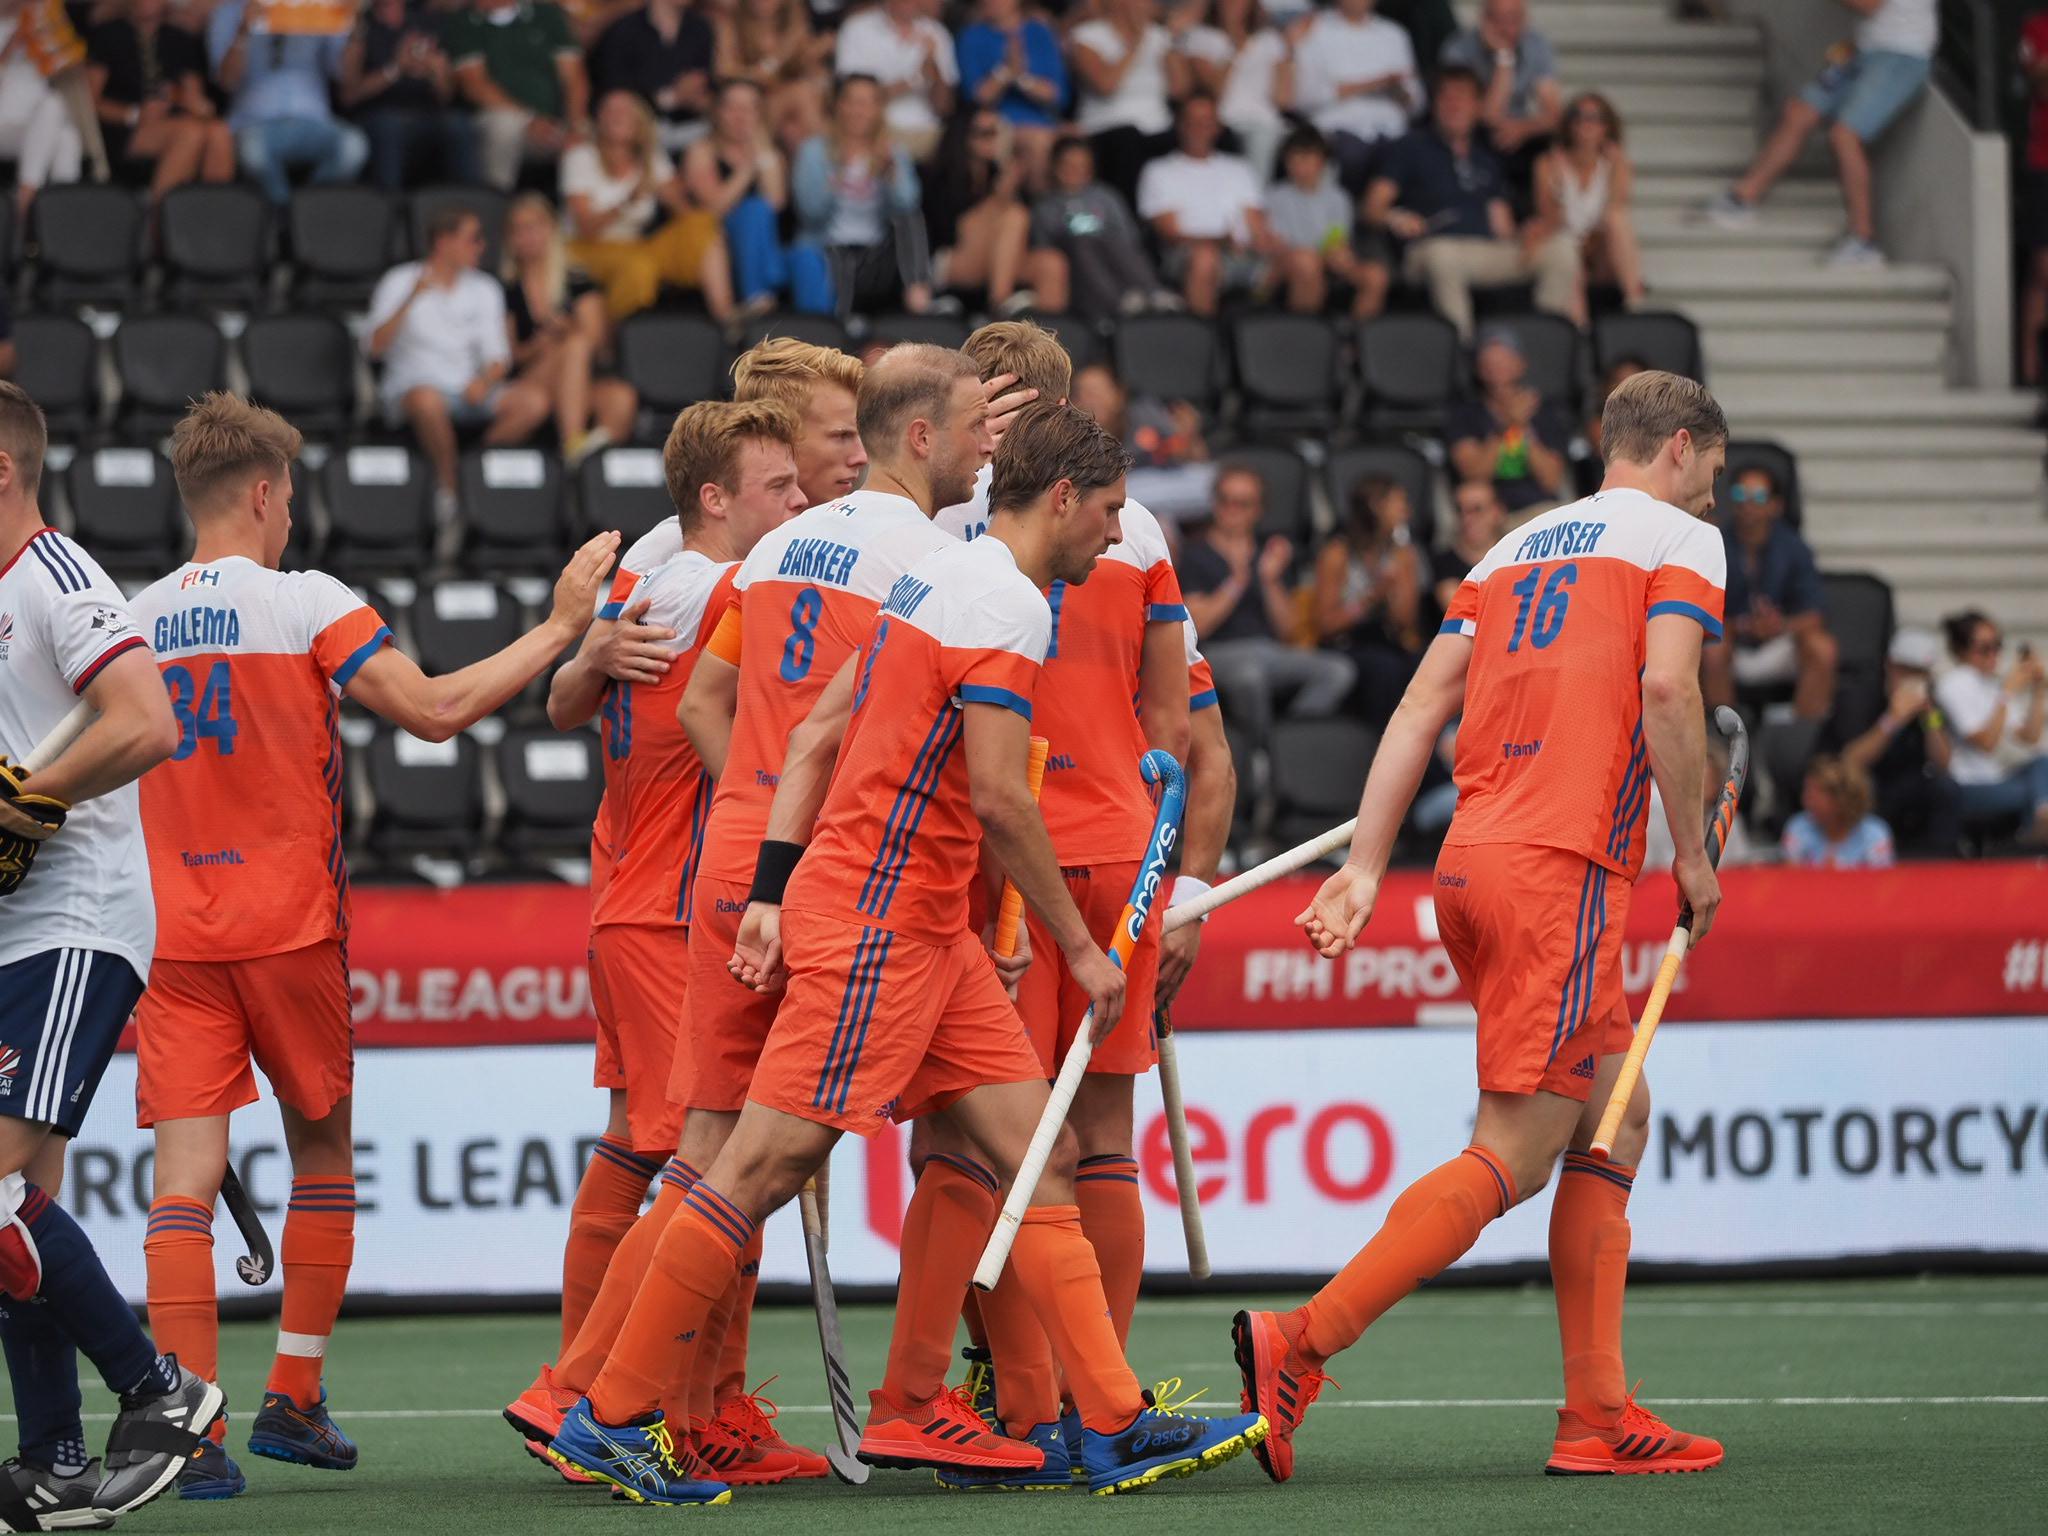 Round-up troostfinale FIH Pro League (H): Oranje pakt brons ten koste van Groot-Brittannië na doelpuntrijk duel